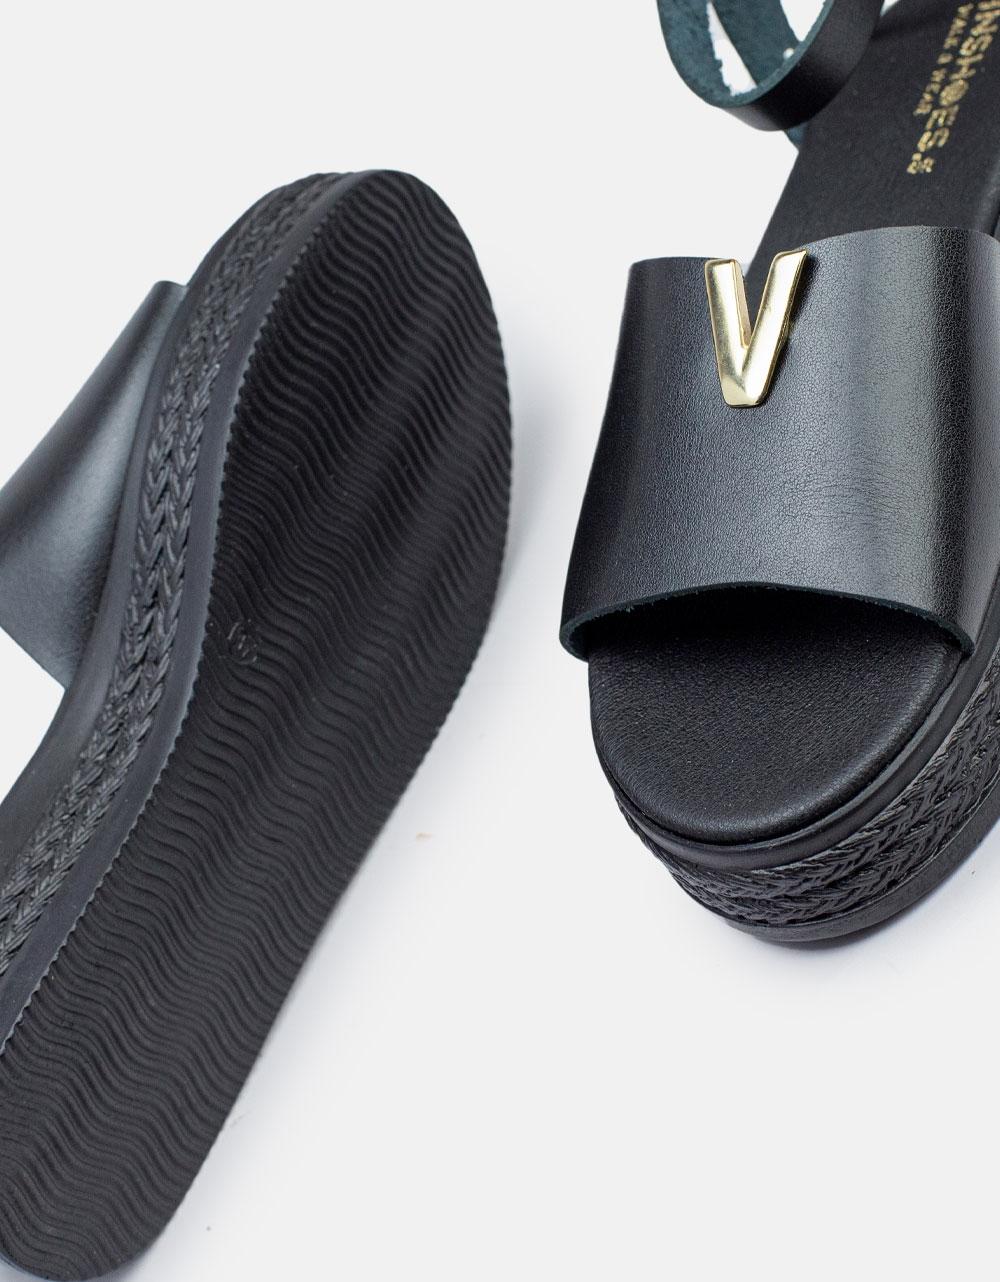 Εικόνα από Γυναικεία σανδάλια από γνήσιο δέρμα με μπαρέτα & μεταλλική λεπτομέρεια στην φάσα Μαύρο